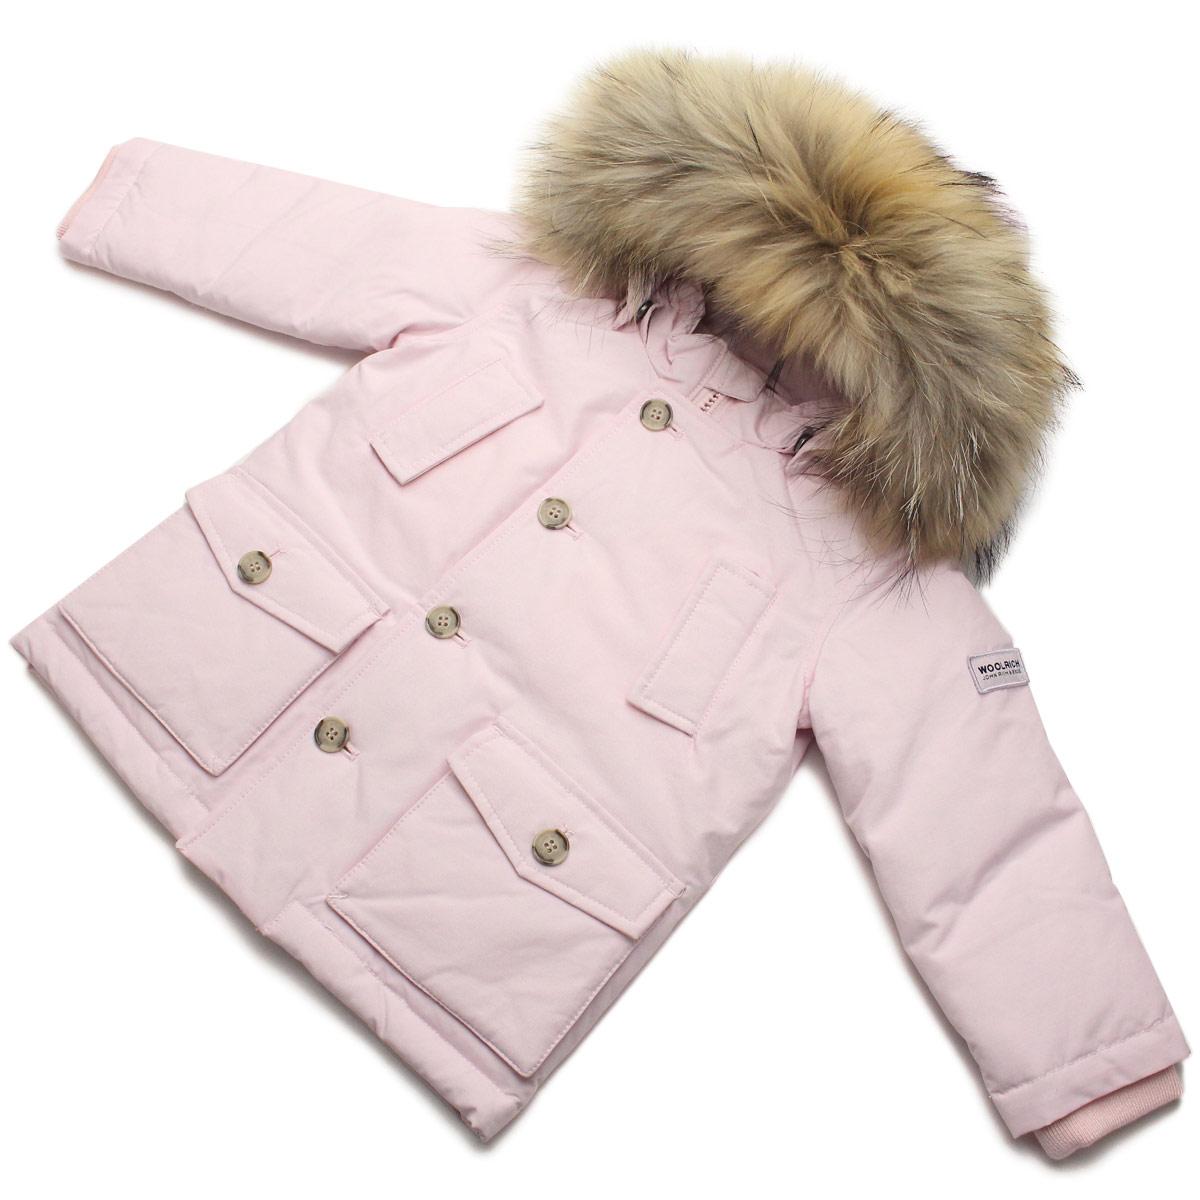 ウールリッチ (WOOLRICH) ベビーコート,ジャンバー WKCPS1767 CN02 RSW ROSA ピンク系 【キッズ・ベビー】